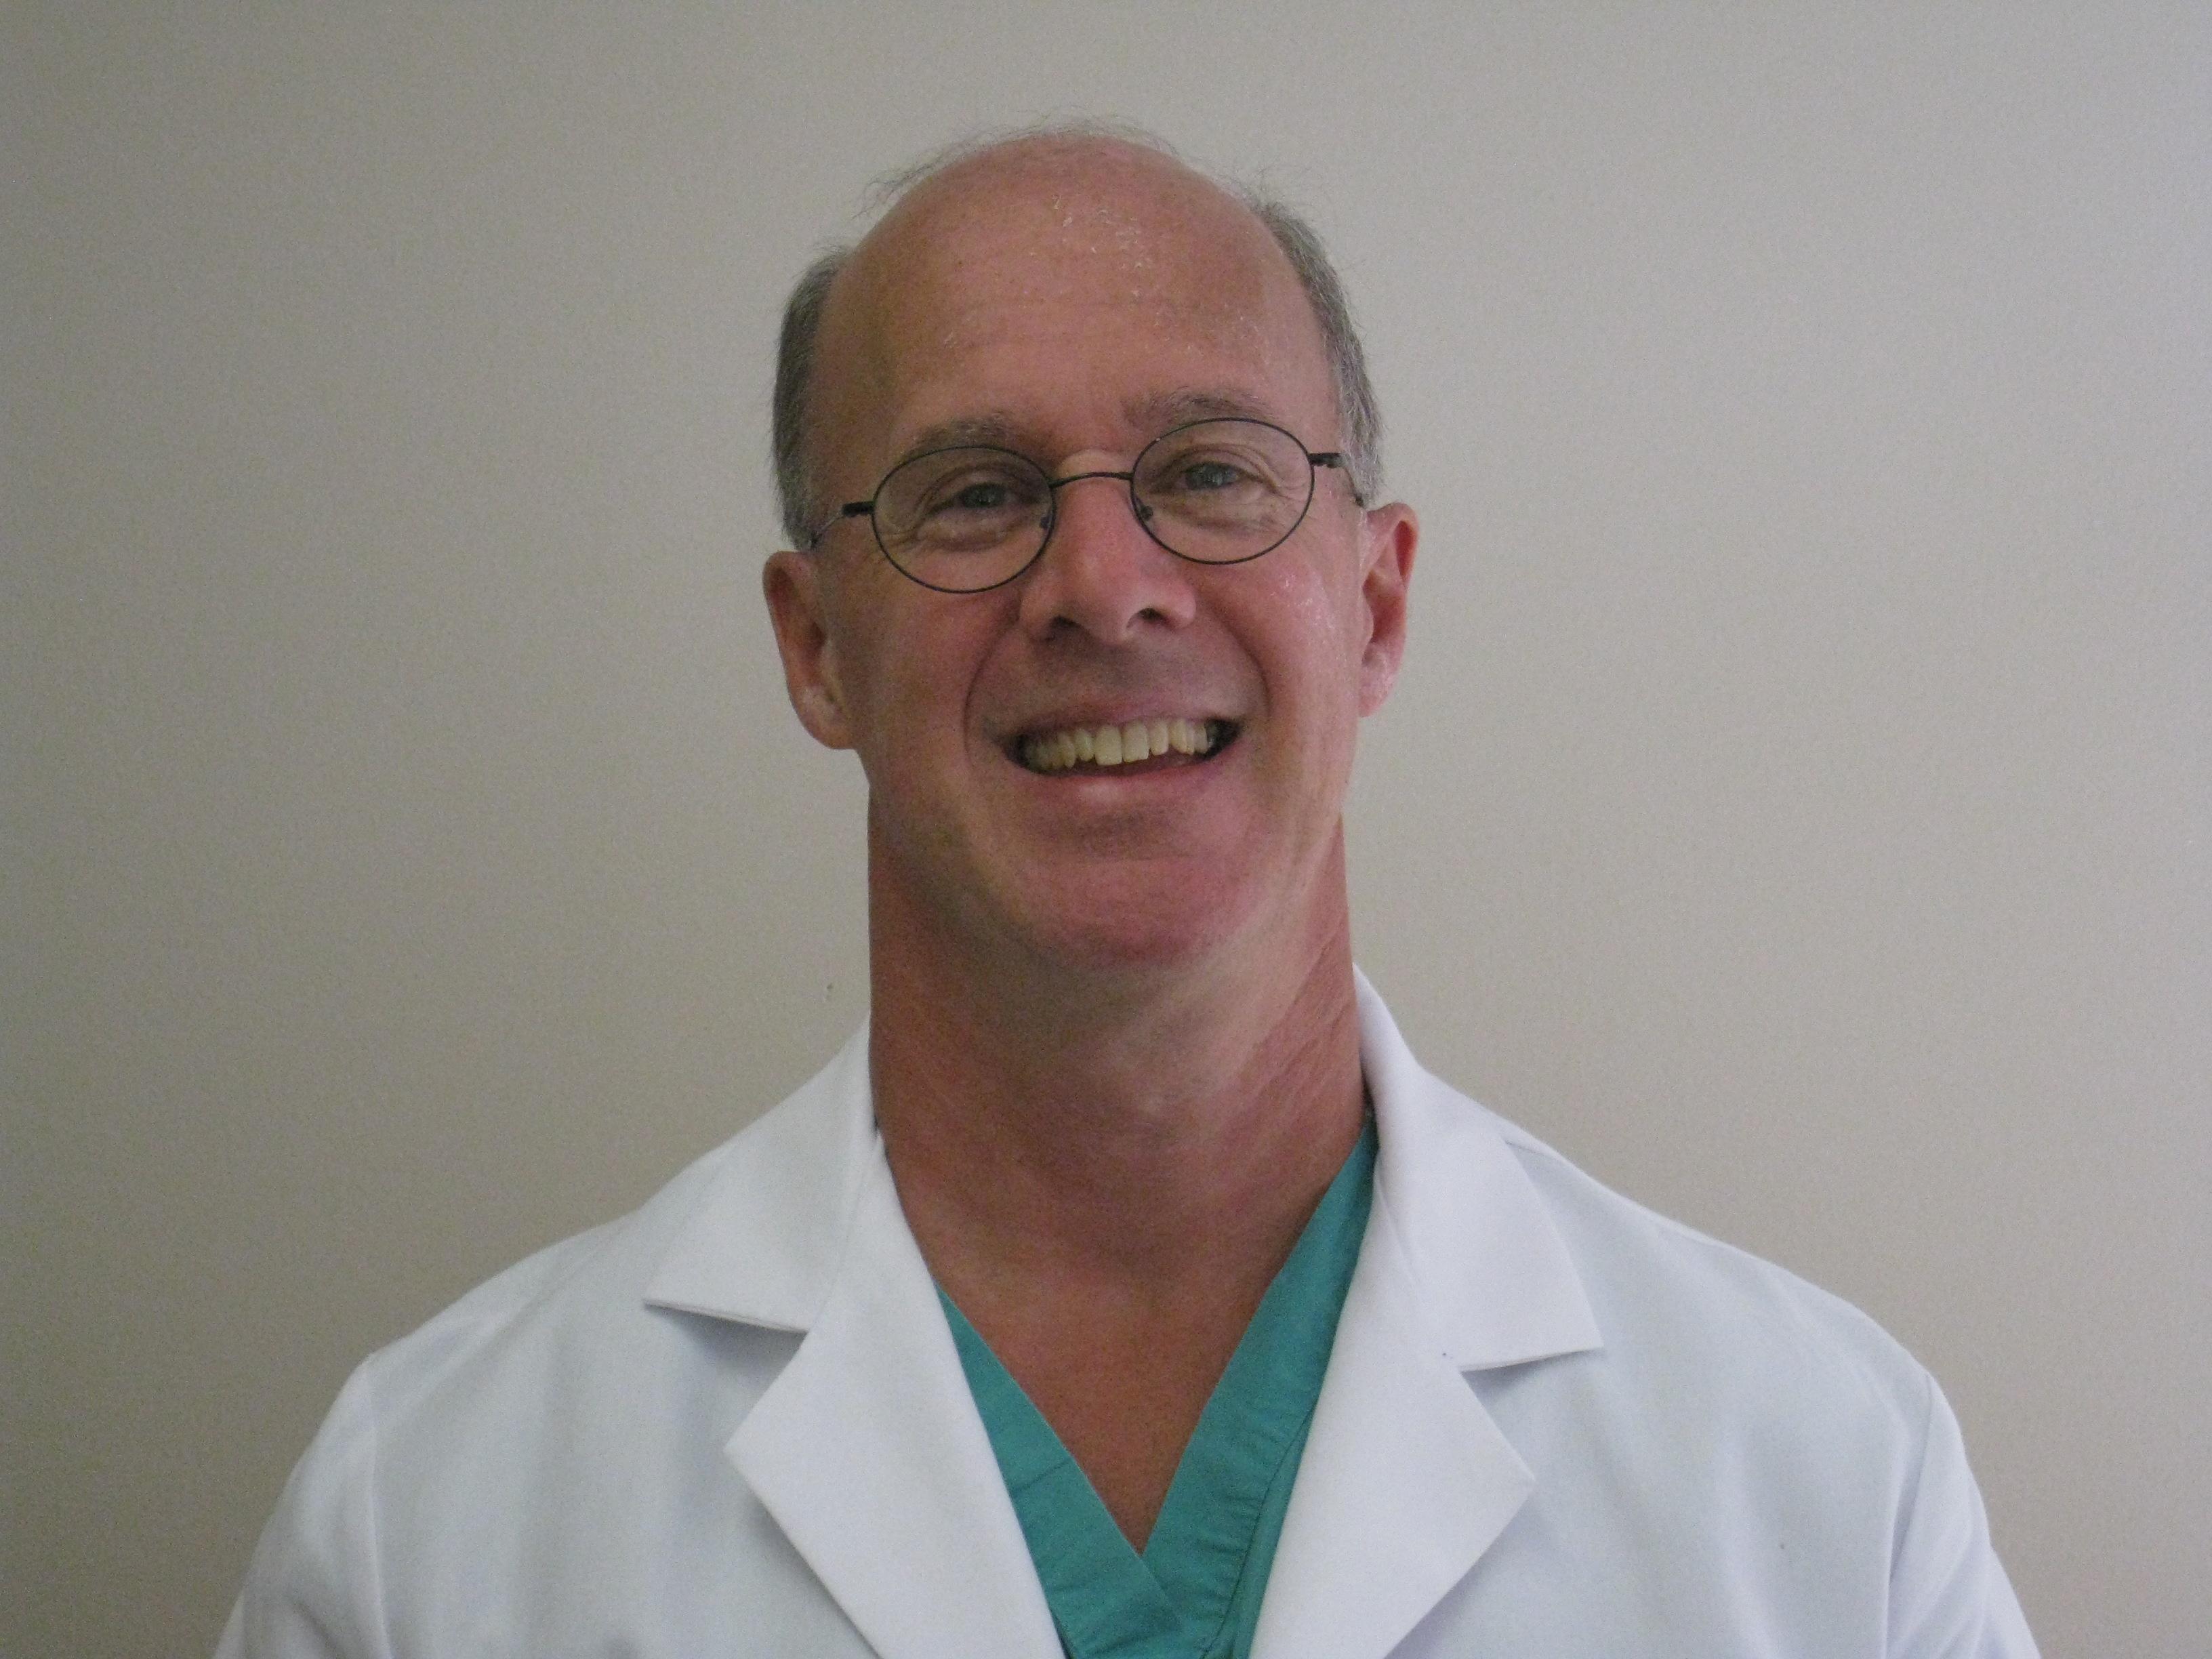 G. Michael Meyer, MD